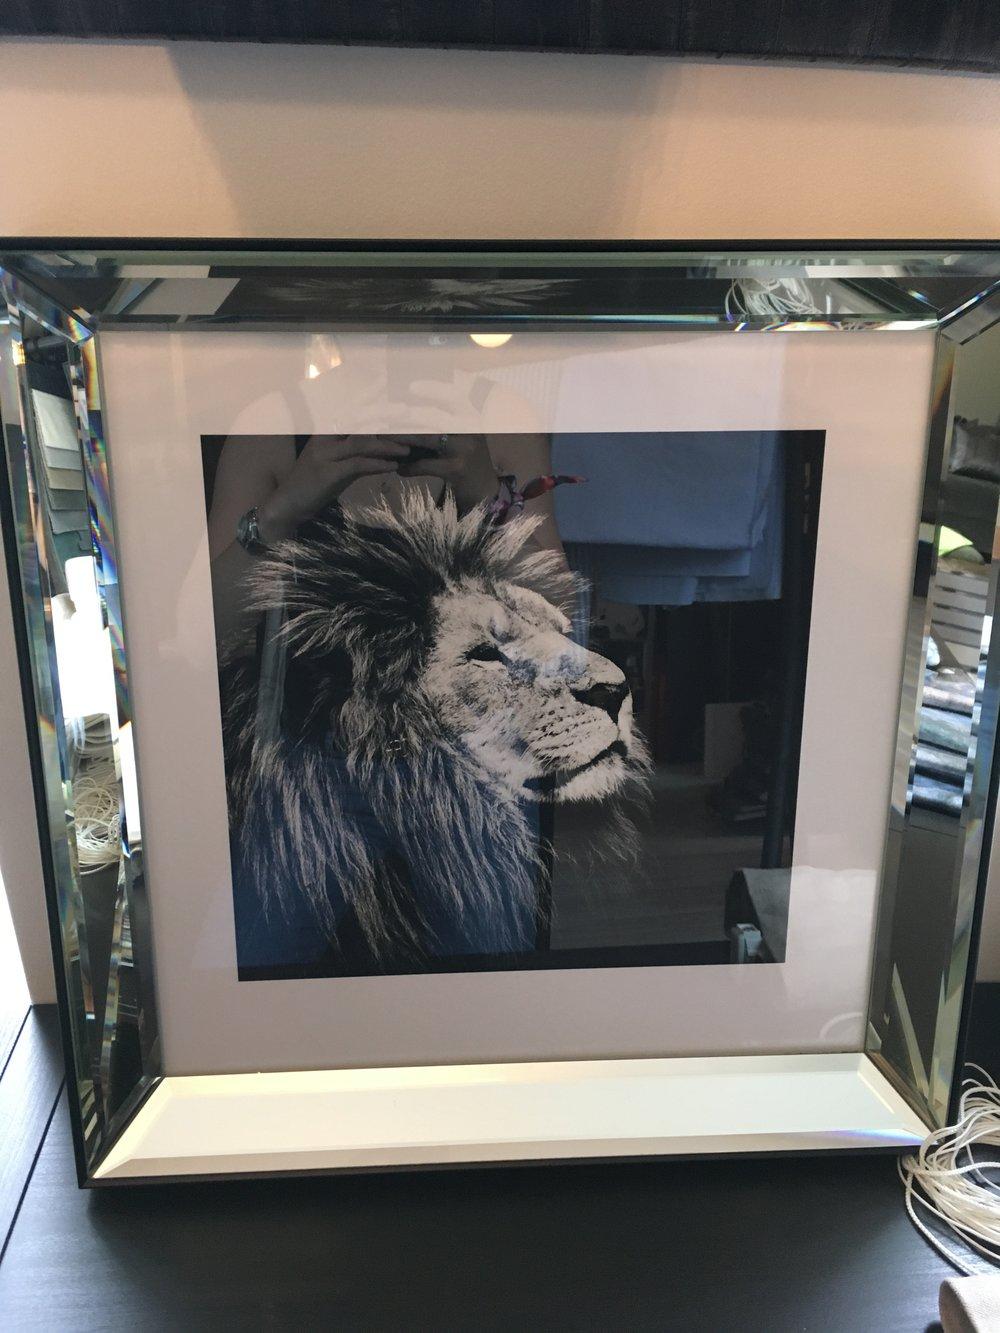 Fantastisk løvebilde - 1.900kr